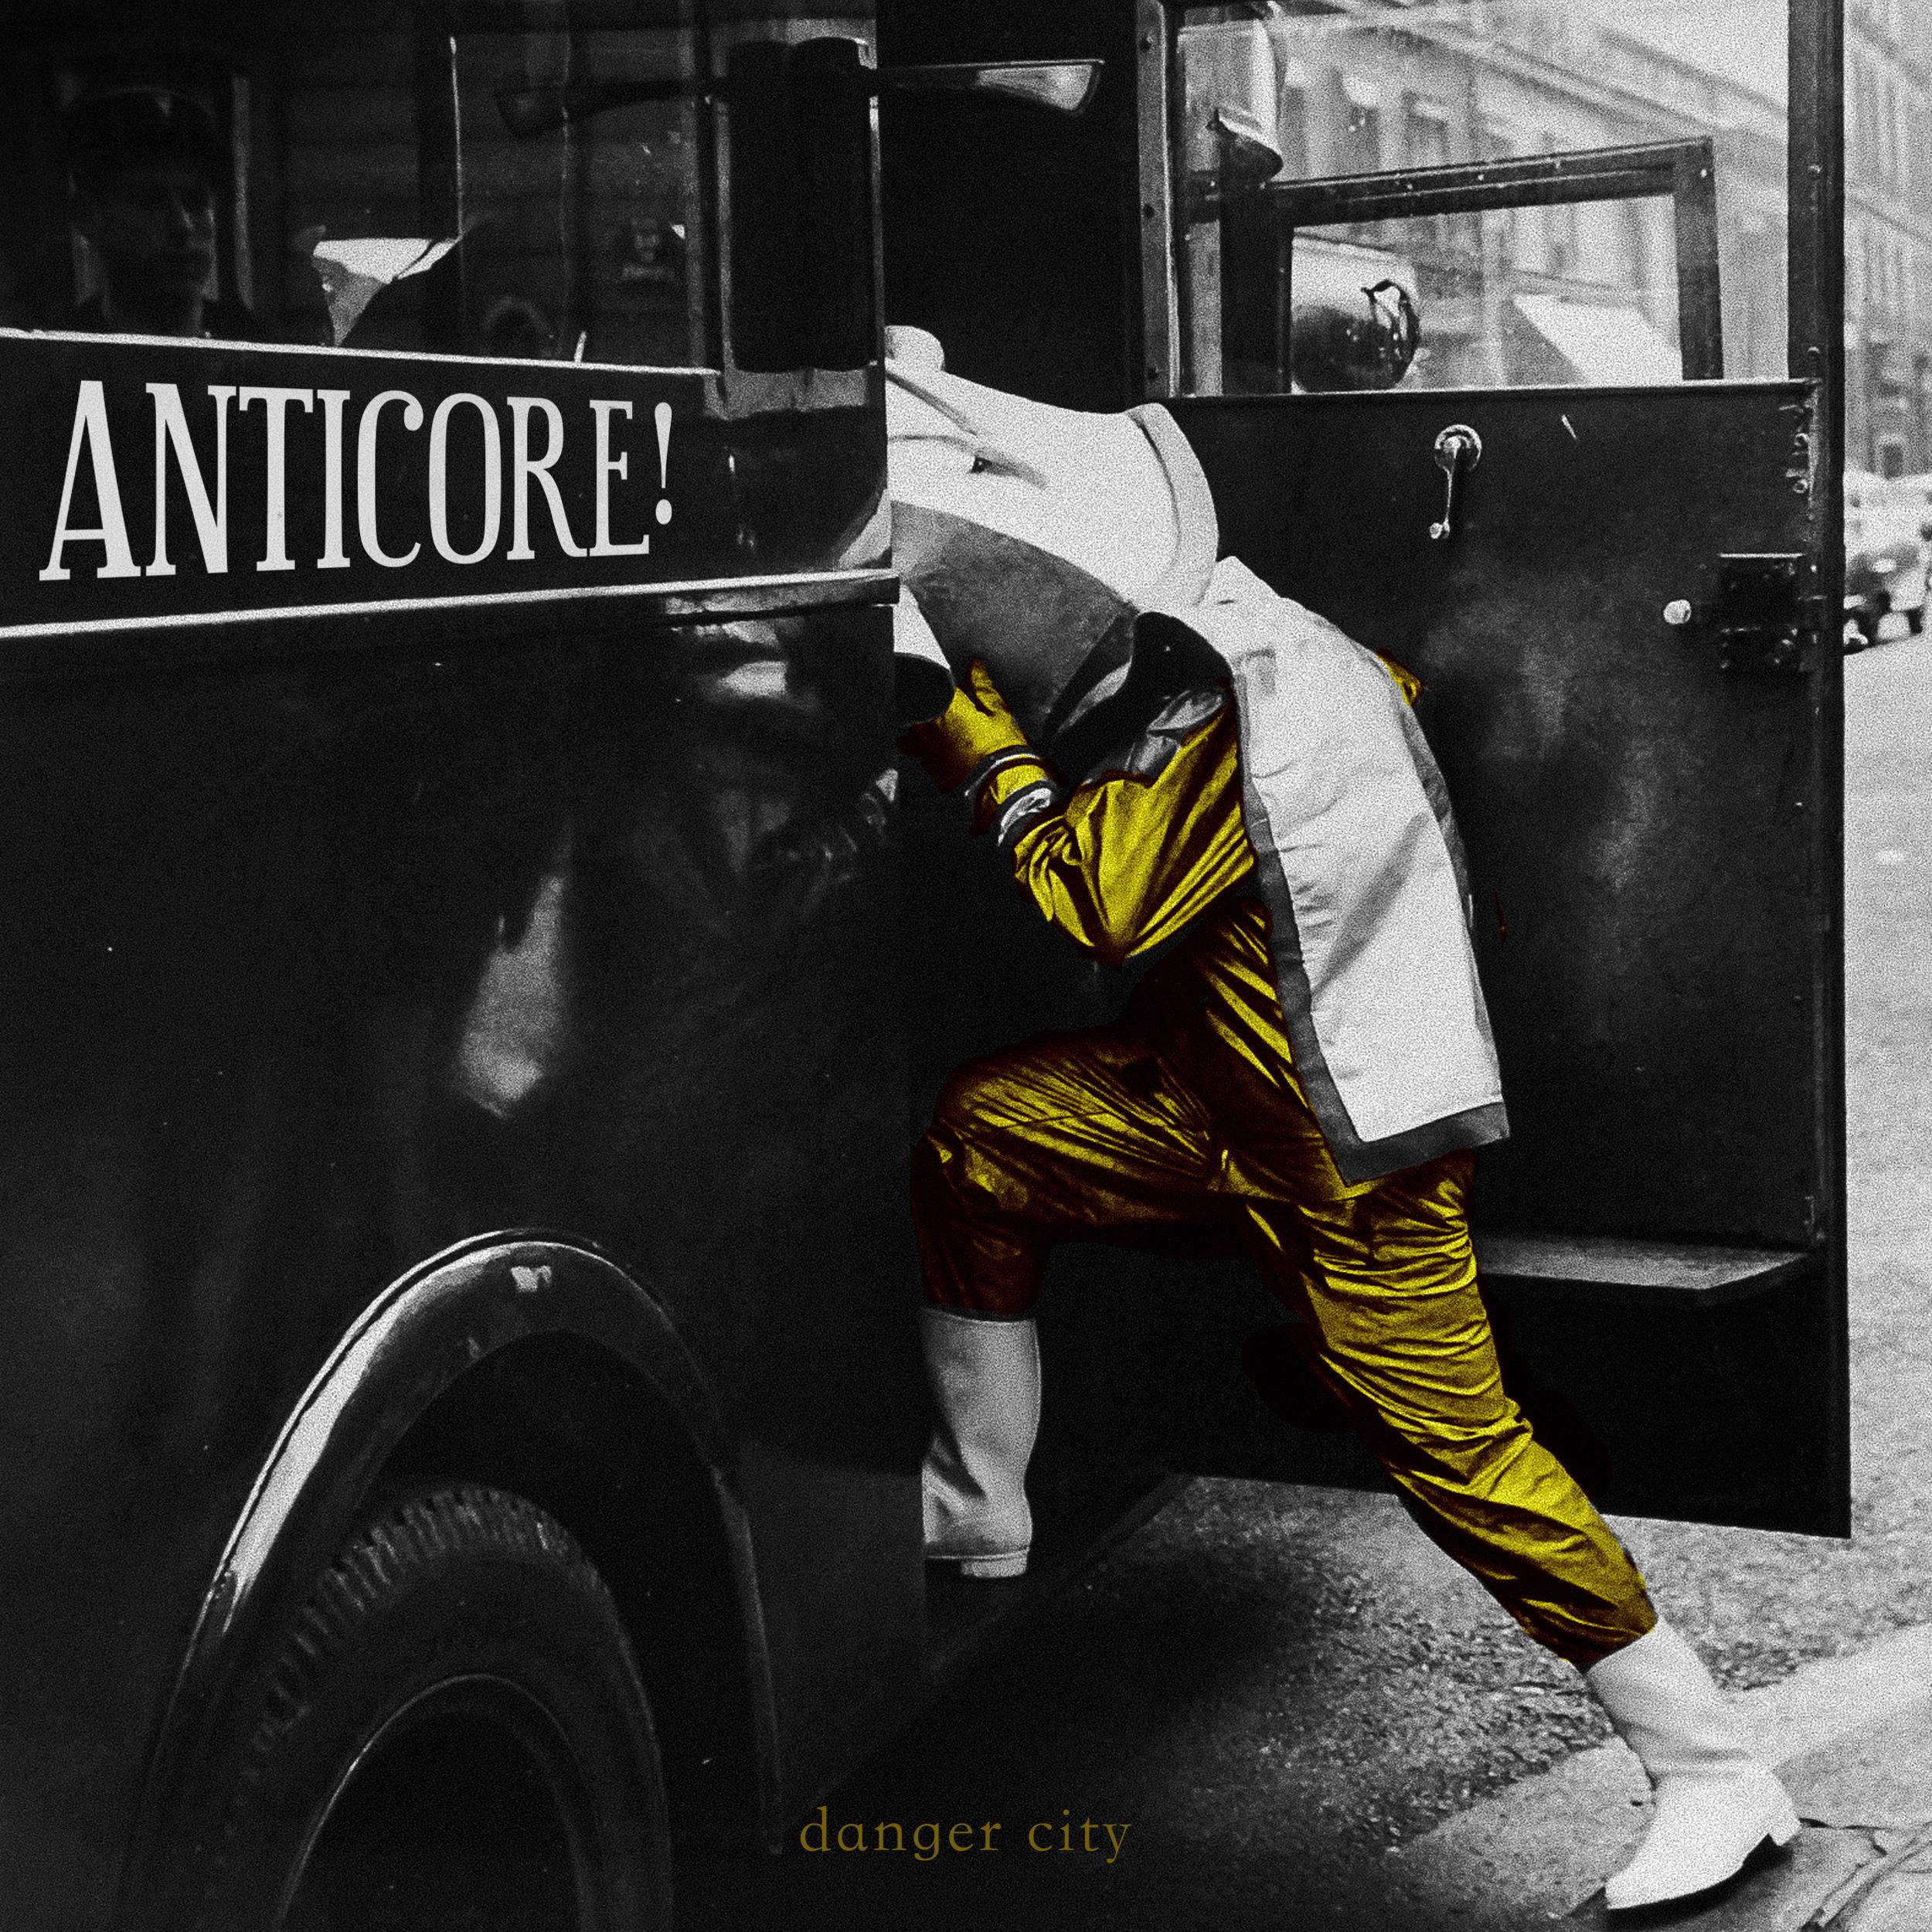 Anticore